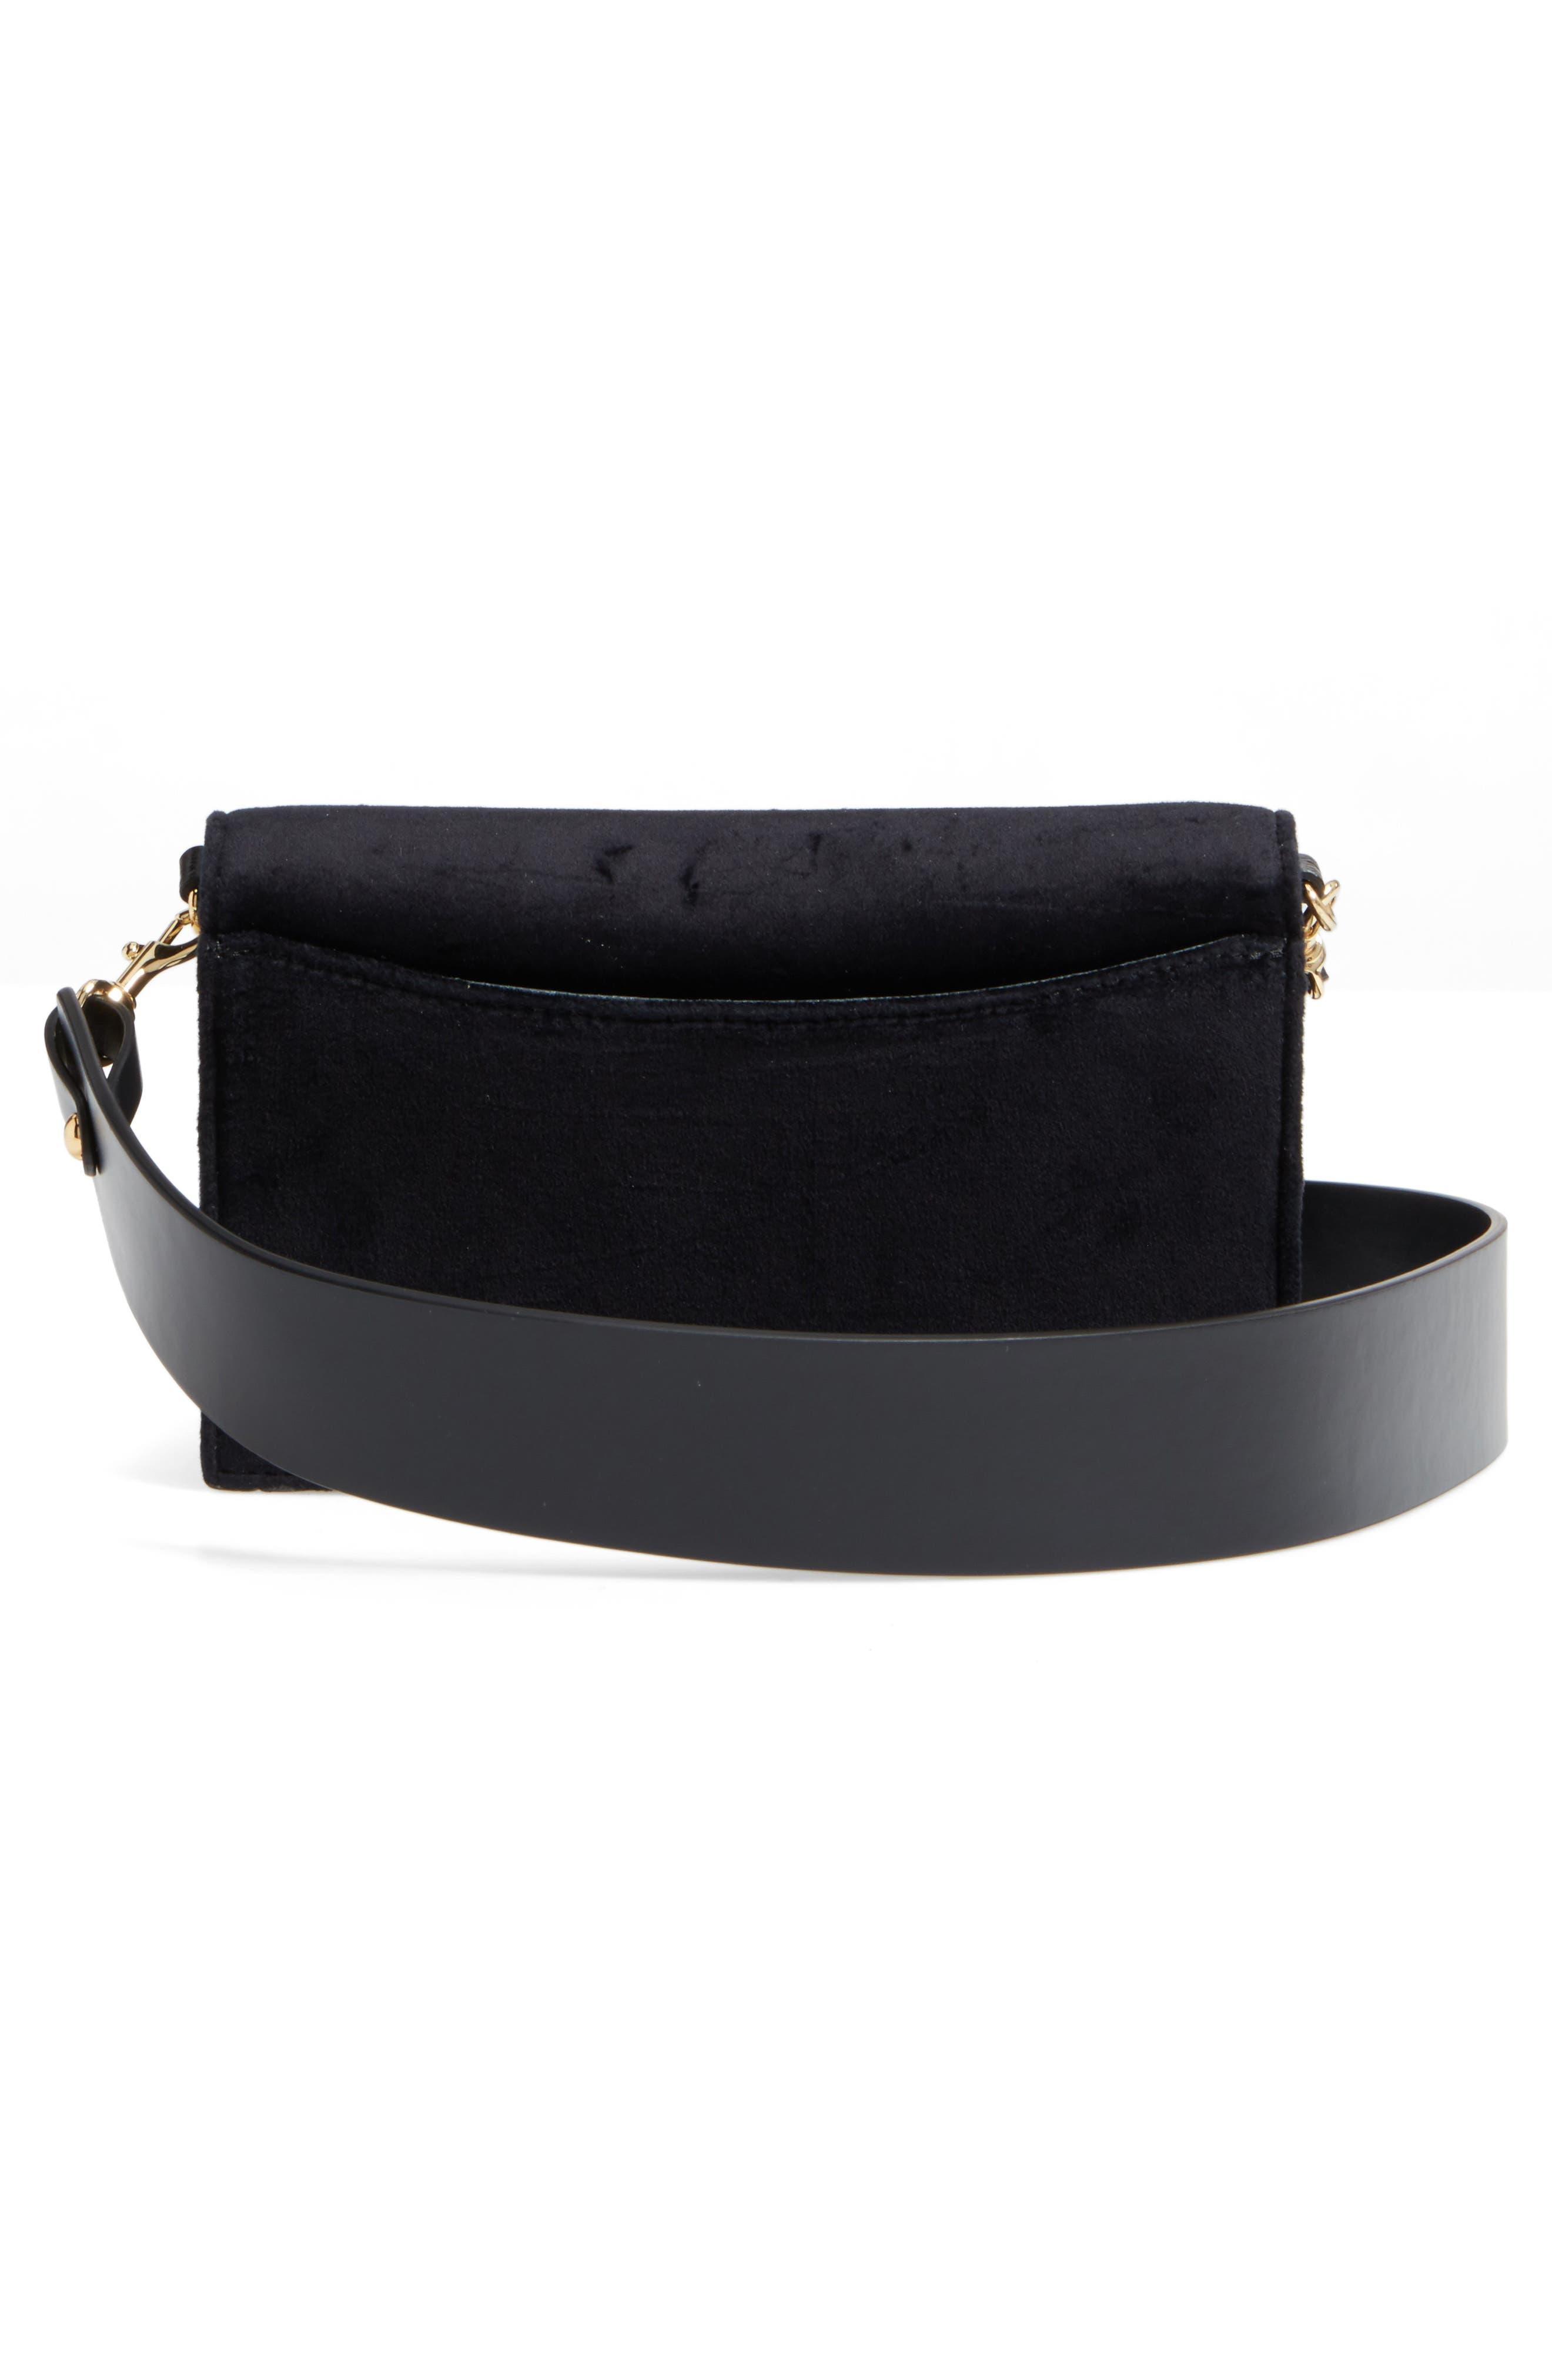 Soirée Velvet Convertible Crossbody Bag,                             Alternate thumbnail 4, color,                             001